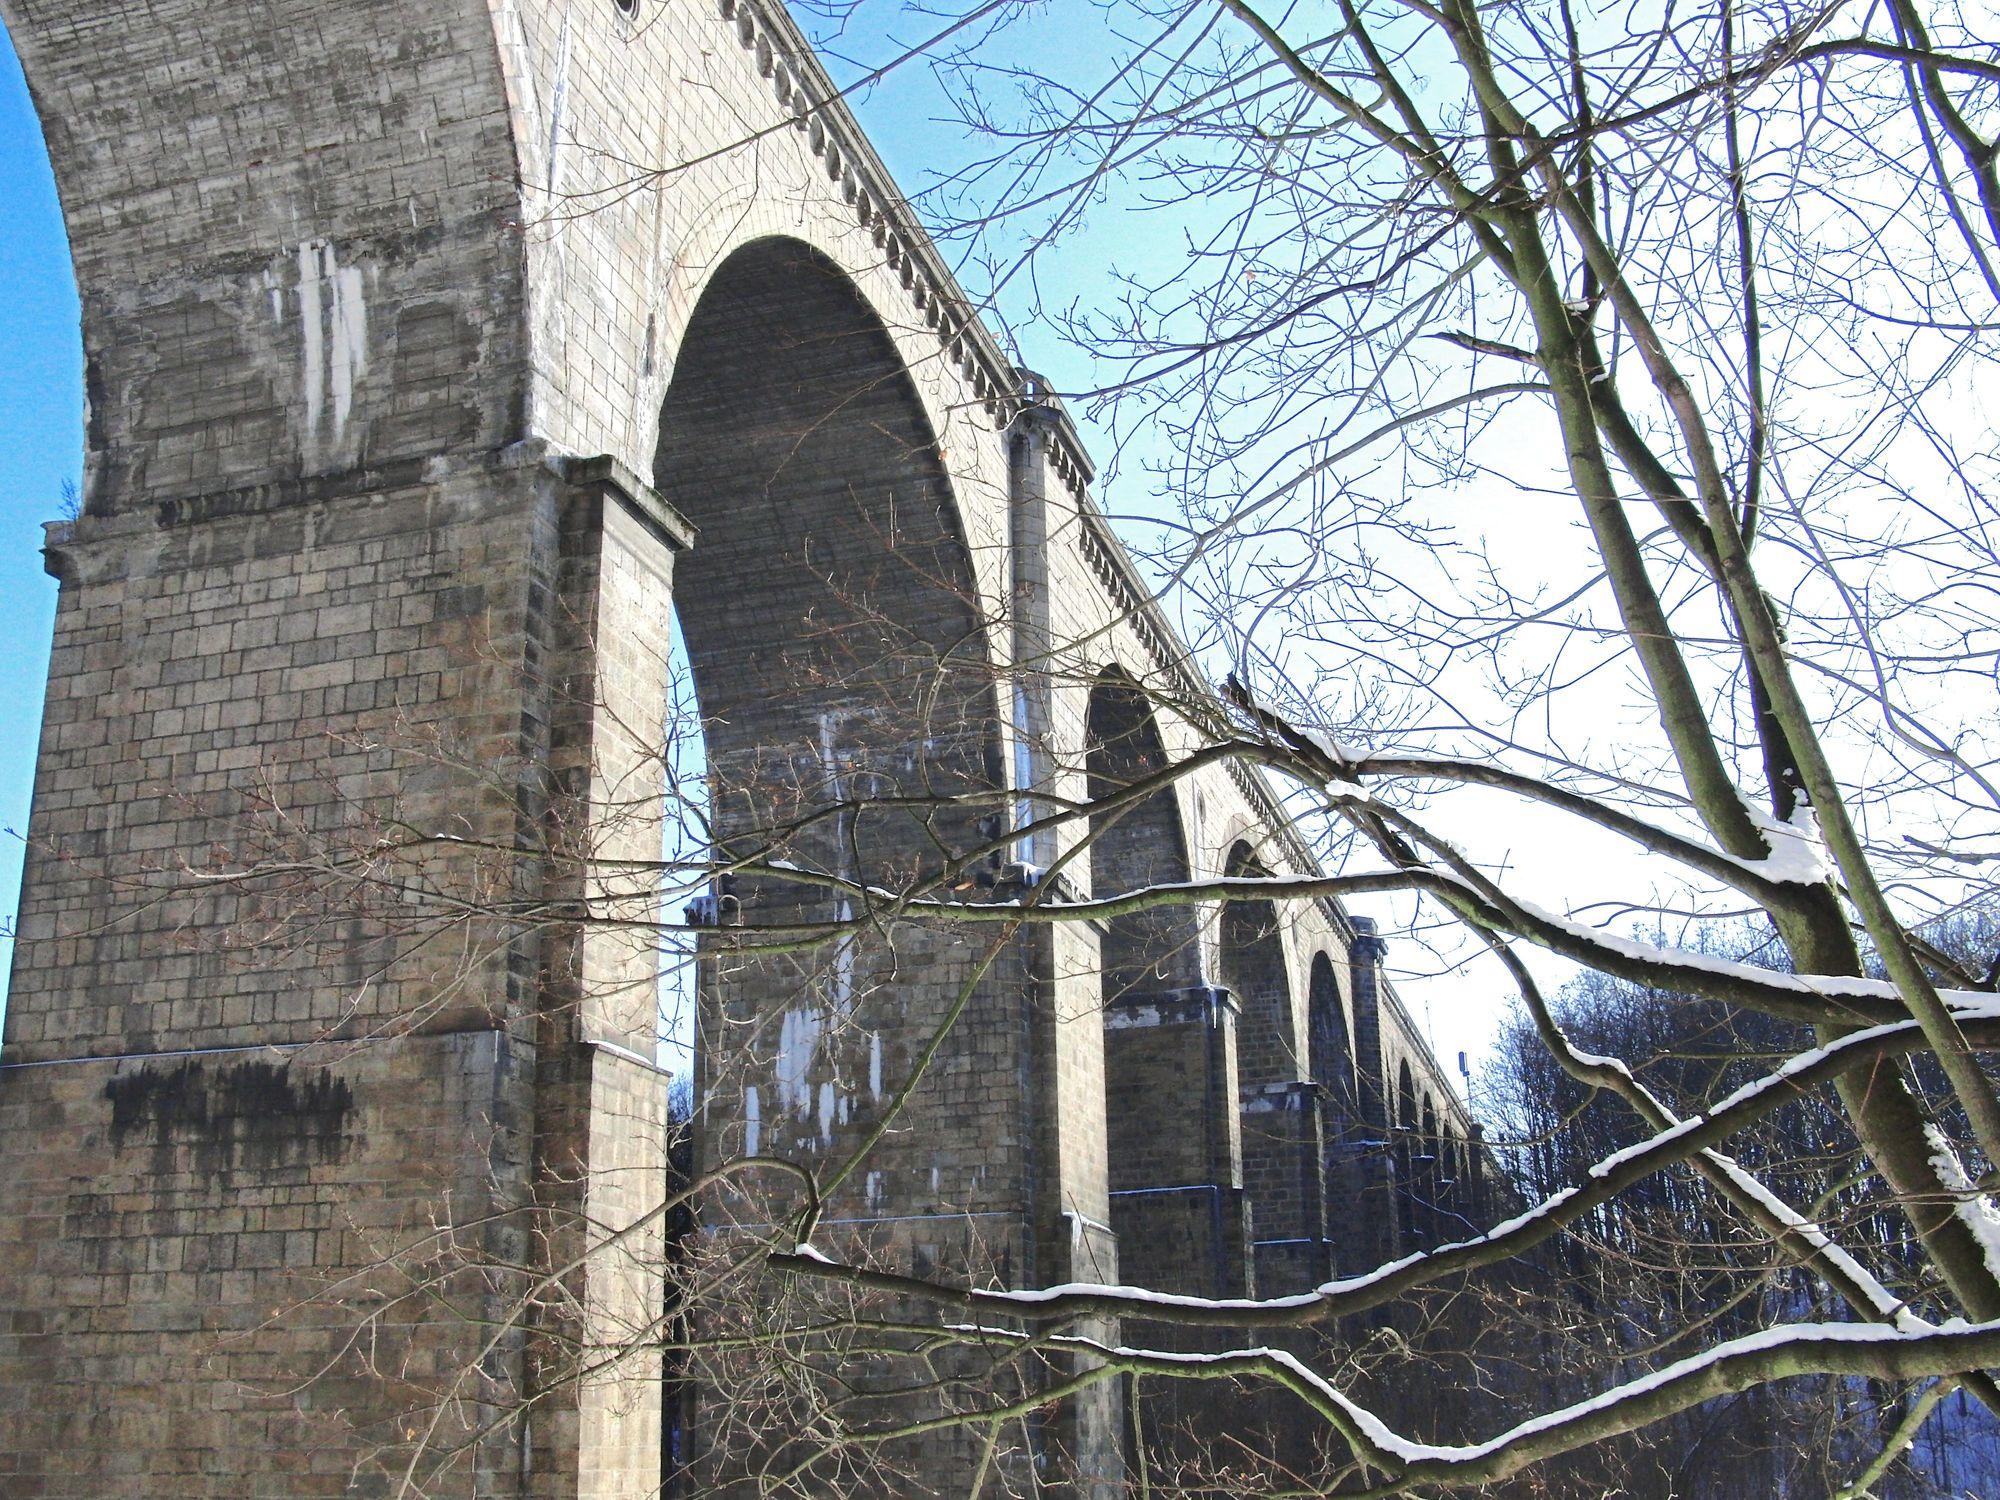 Bild mit Natur, Pflanzen, Bäume, Architektur, Bauwerke, Brücken und Bögen, Bögen, Brücken, Bogenbrücken, Aquädukte, Viadukte